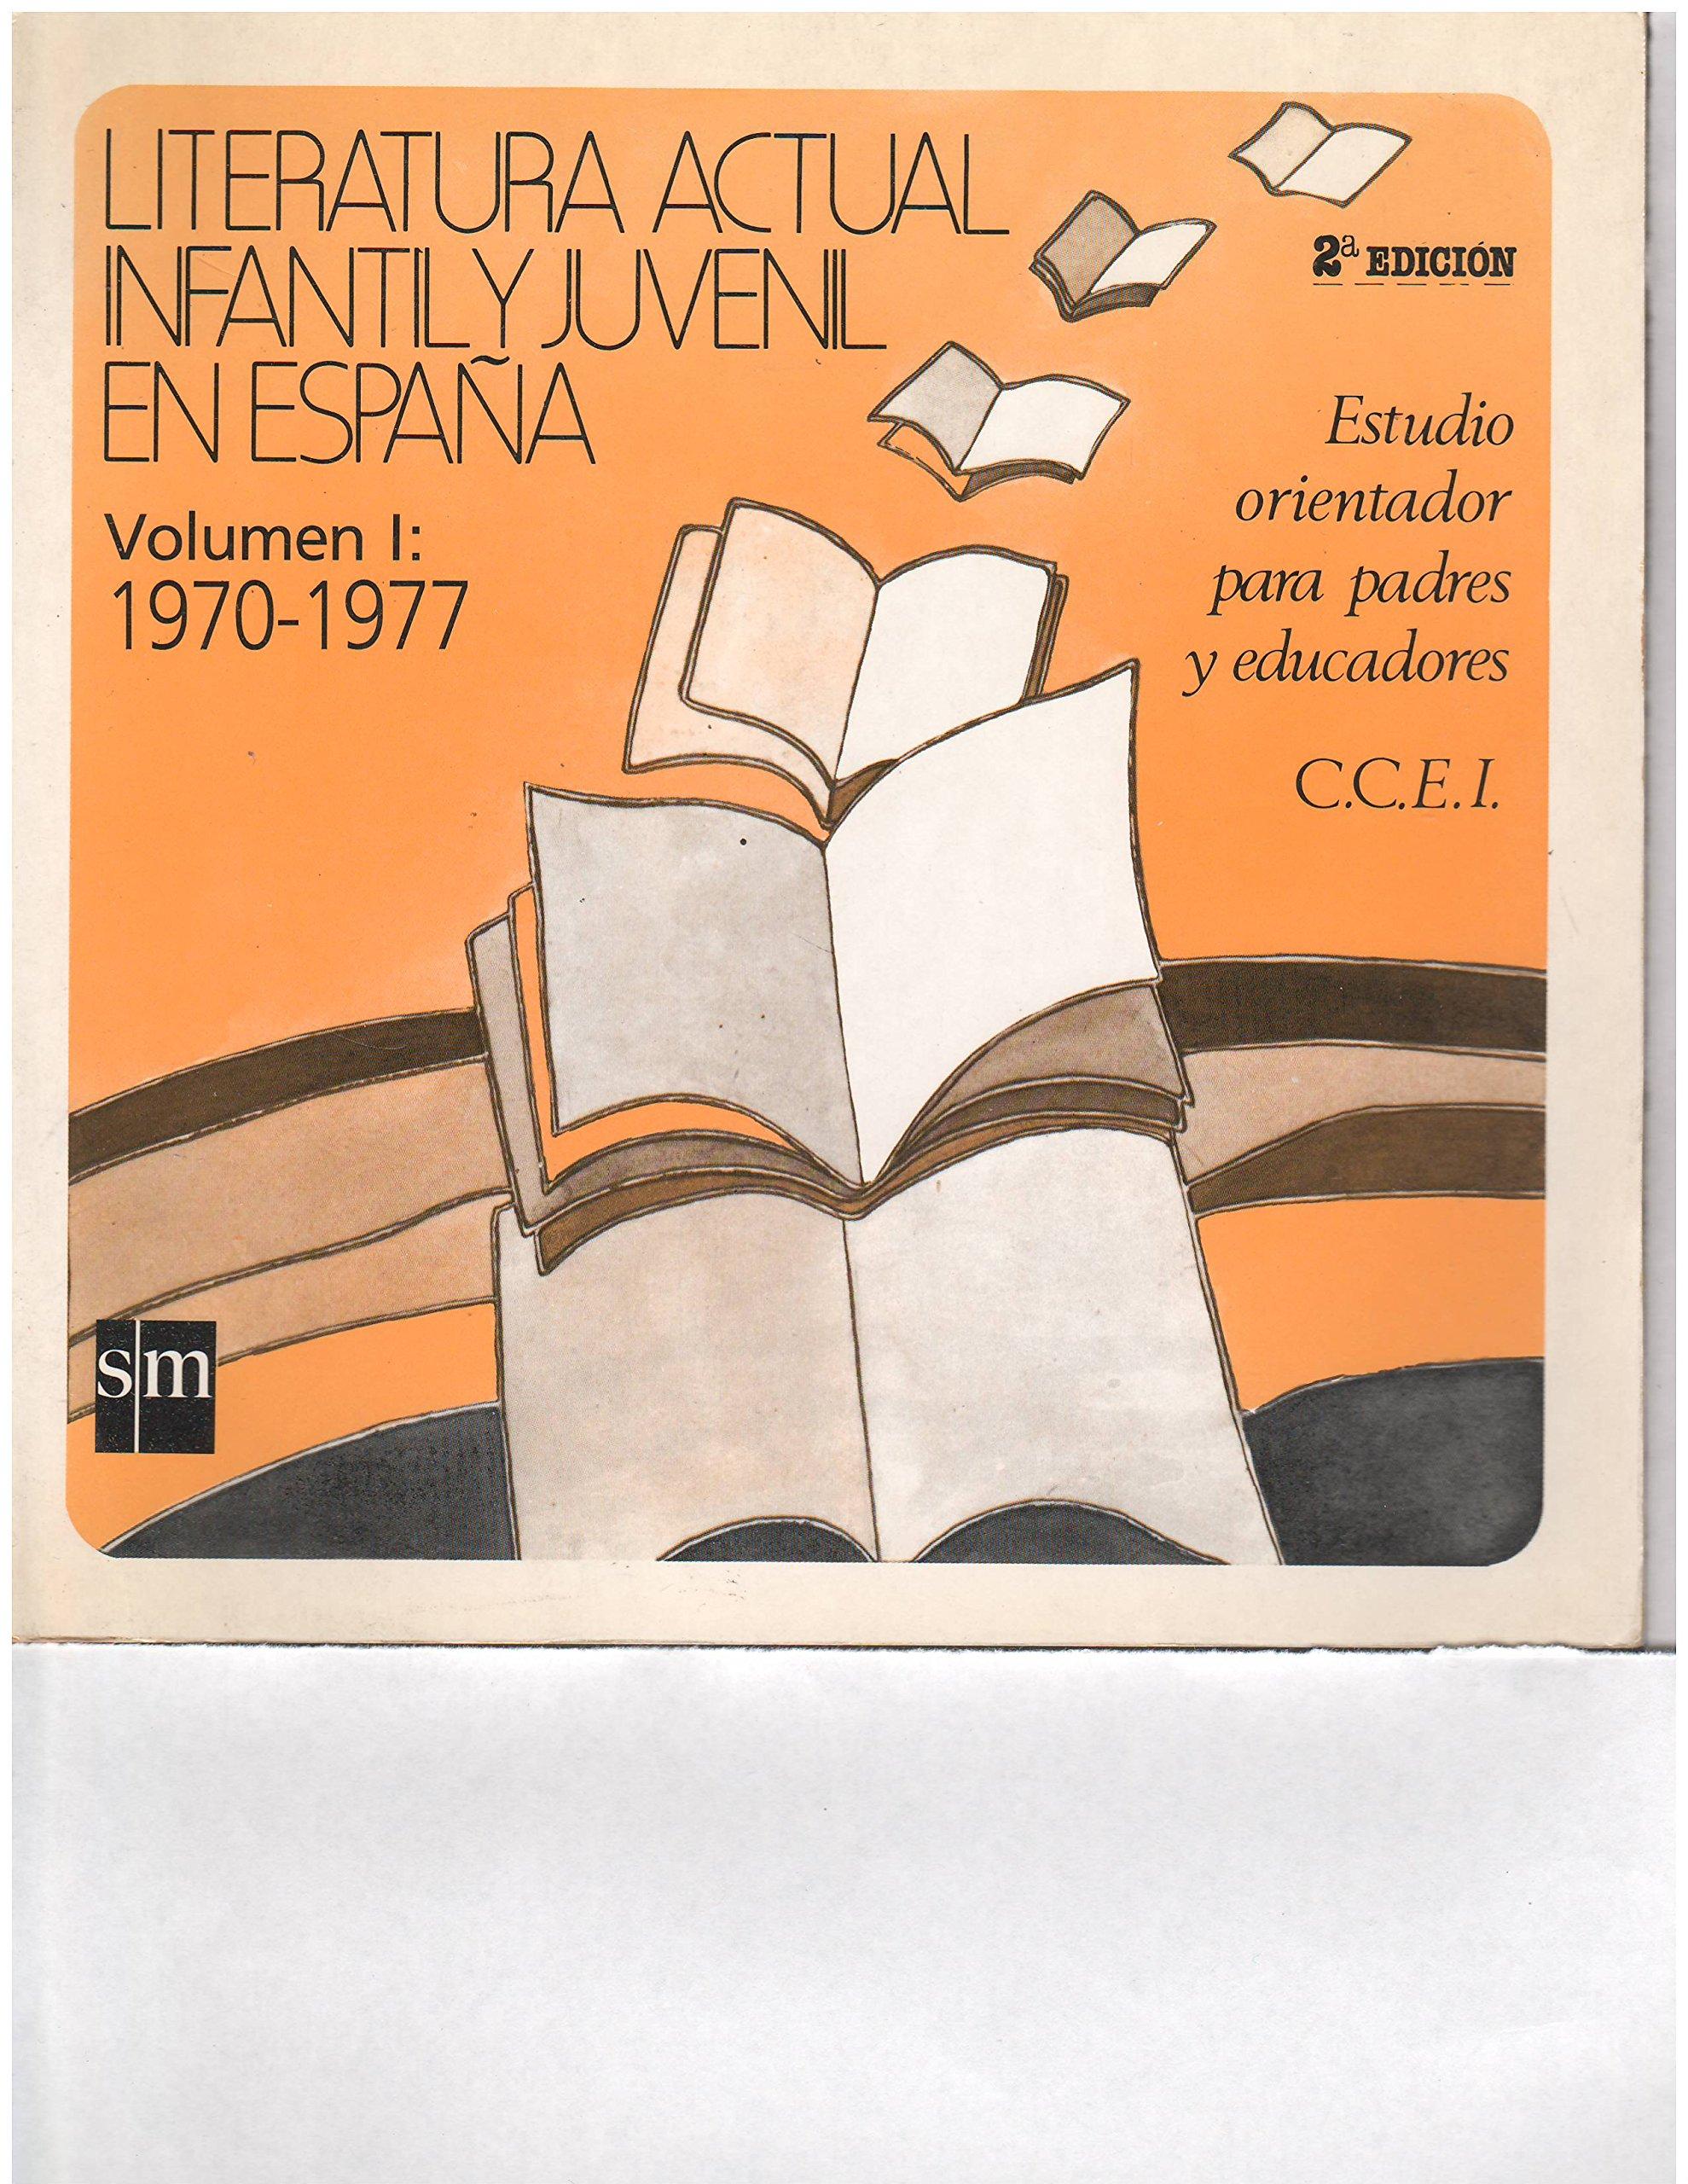 LITERATURA ACTUAL INFANTIL Y JUVENIL EN ESPAÑA (VOL. l 1970-1977): et al Dolores María Álvarez: 9788434807310: Amazon.com: Books